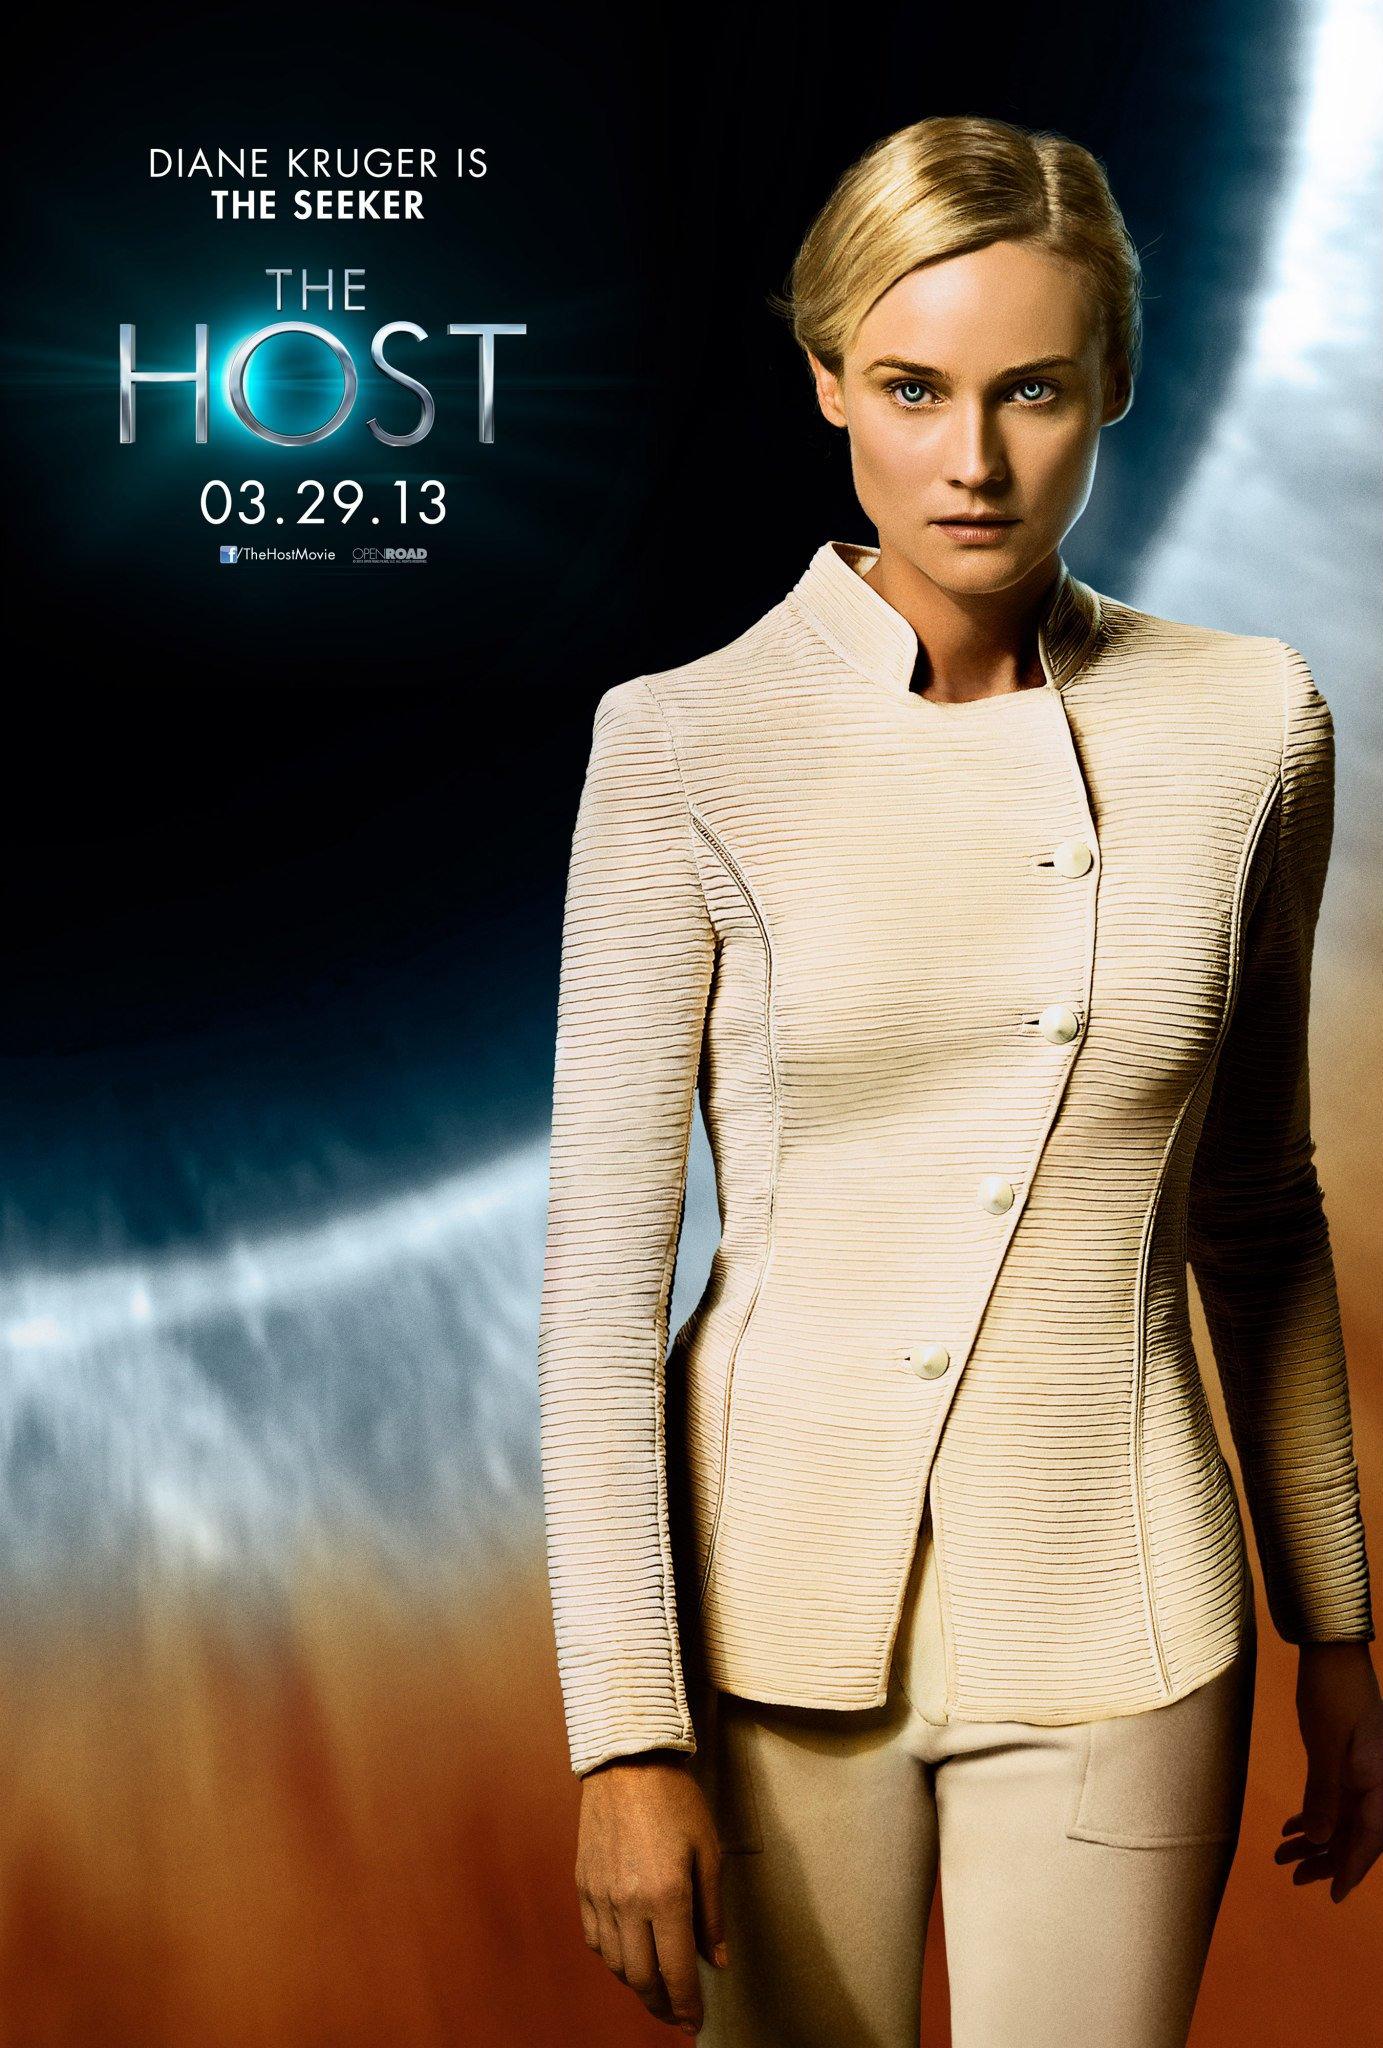 The Host - Movie Poster #5 (Original)